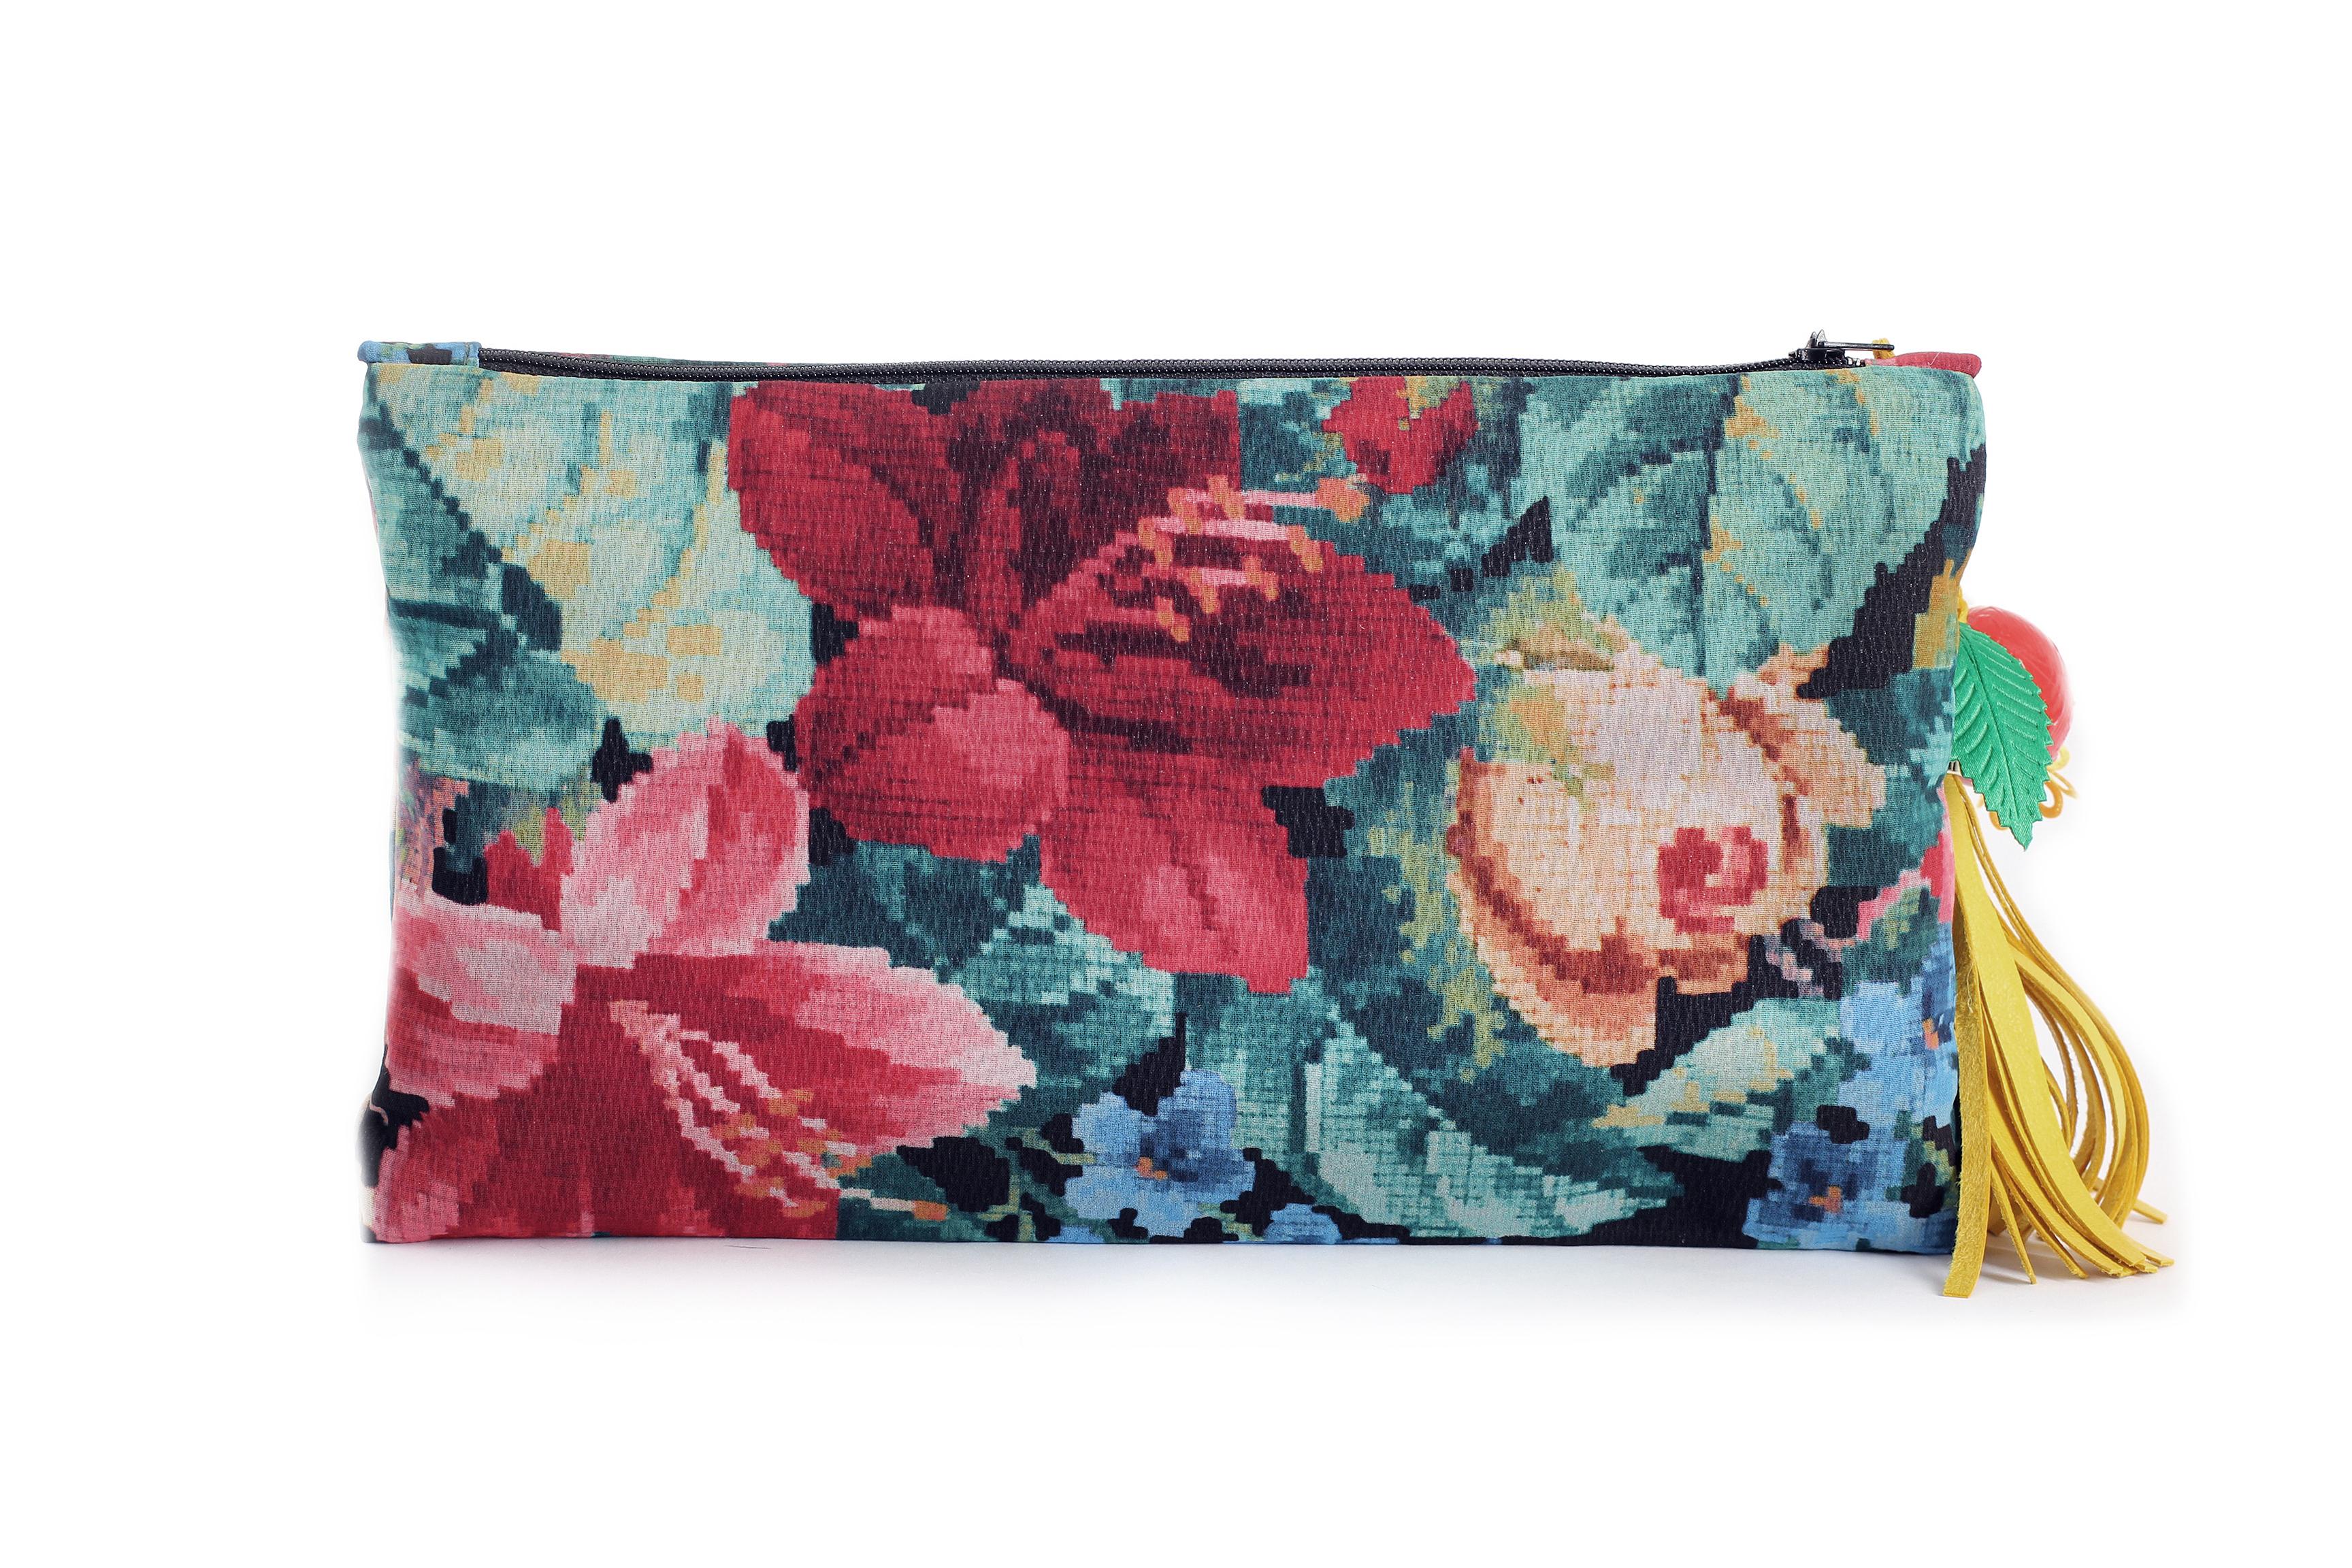 Handbags – Night Blooming Flowers – Summer Clutch Bags 2017